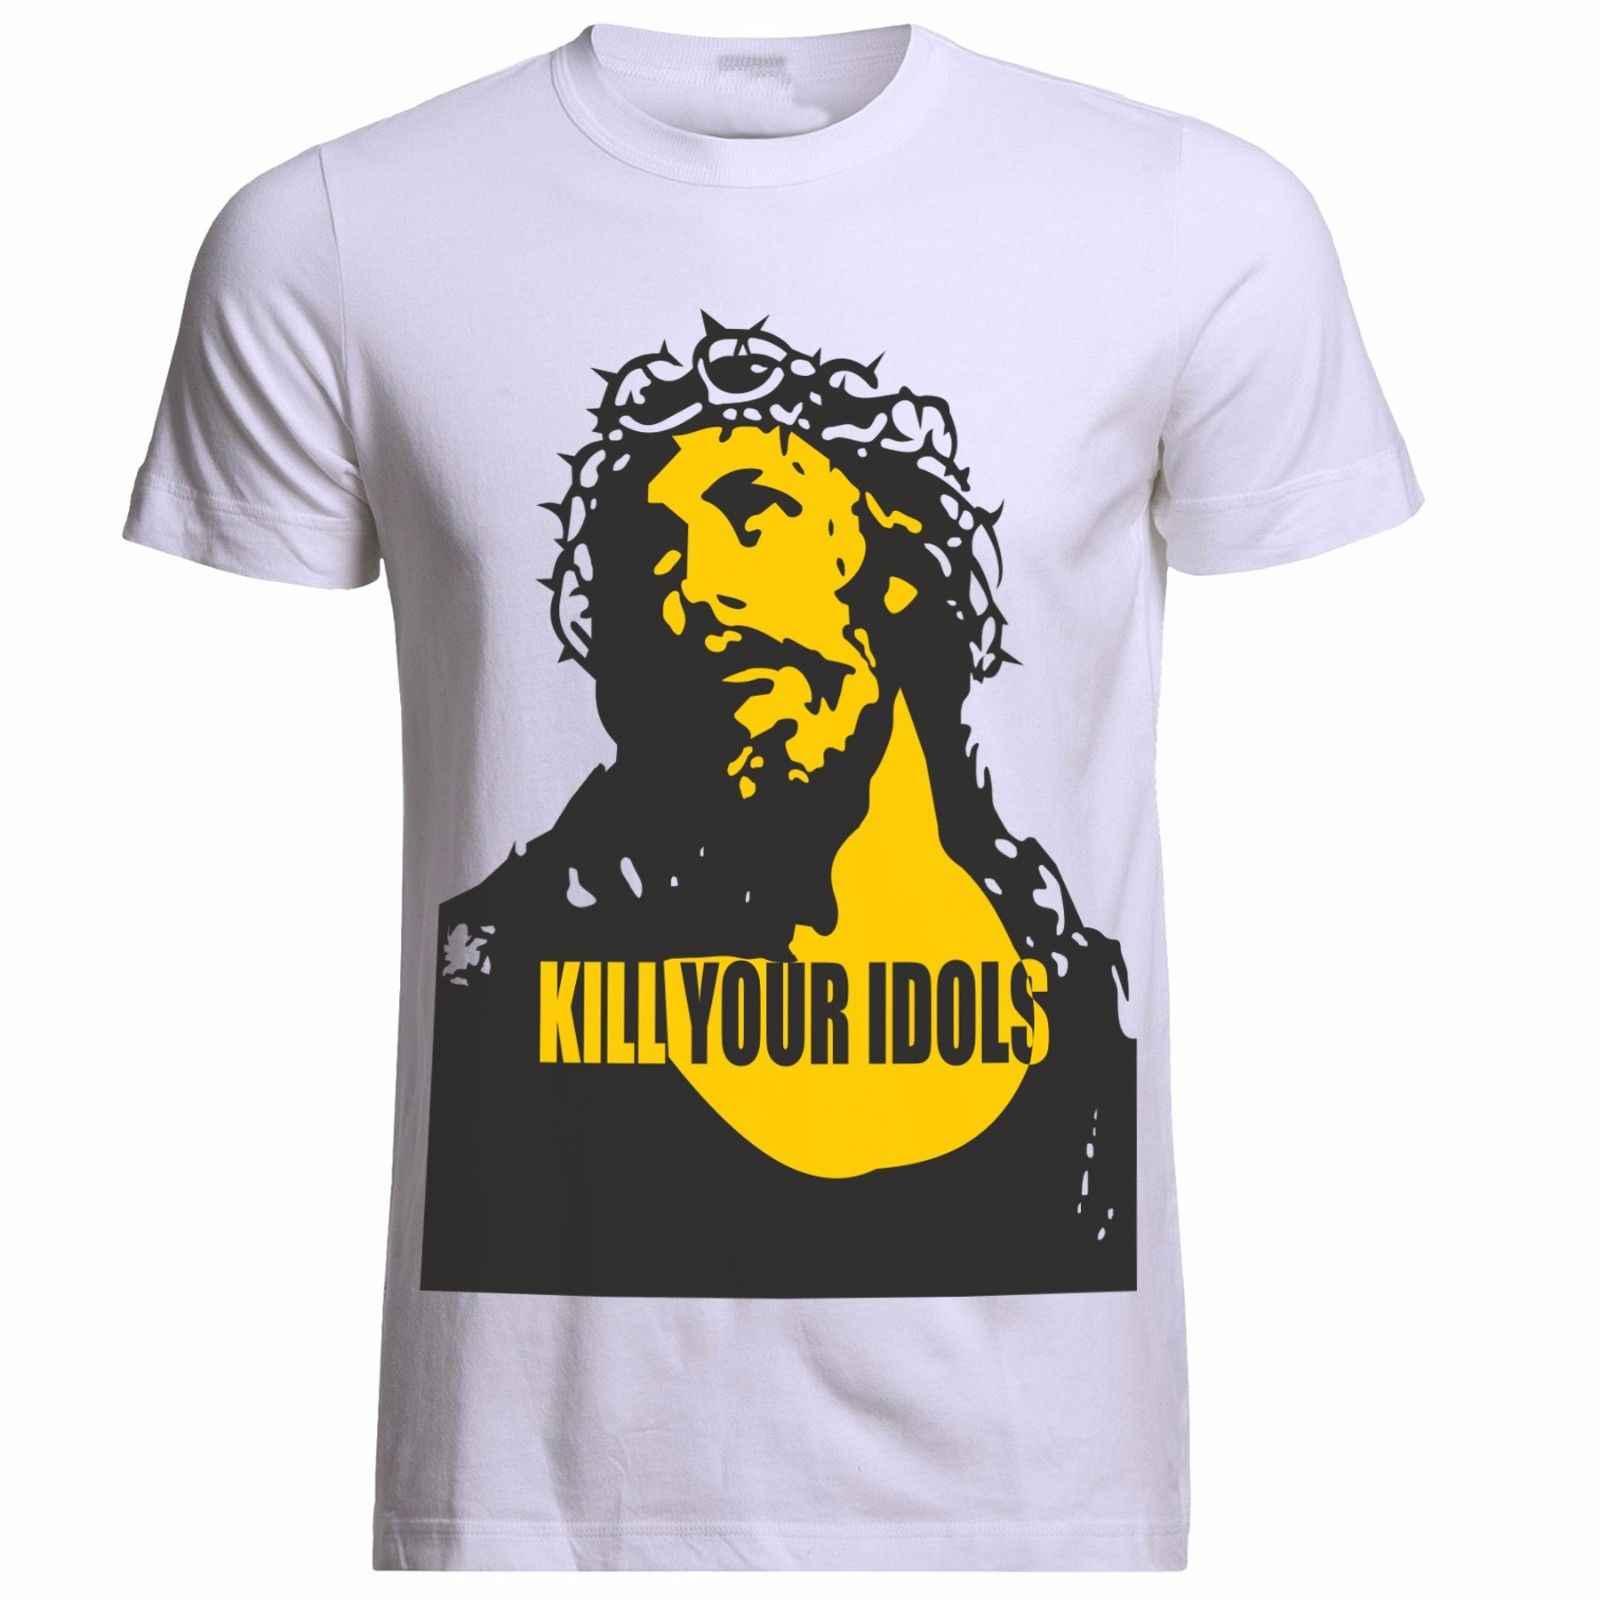 KILL YOUR IDOLS GEDRAGEN DOOR AXL ROSE GUNS N ROSES FREDDIE MERCURY TRIBUTE T-SHIRT custom gedrukt tshirt, hip hop grappige tee